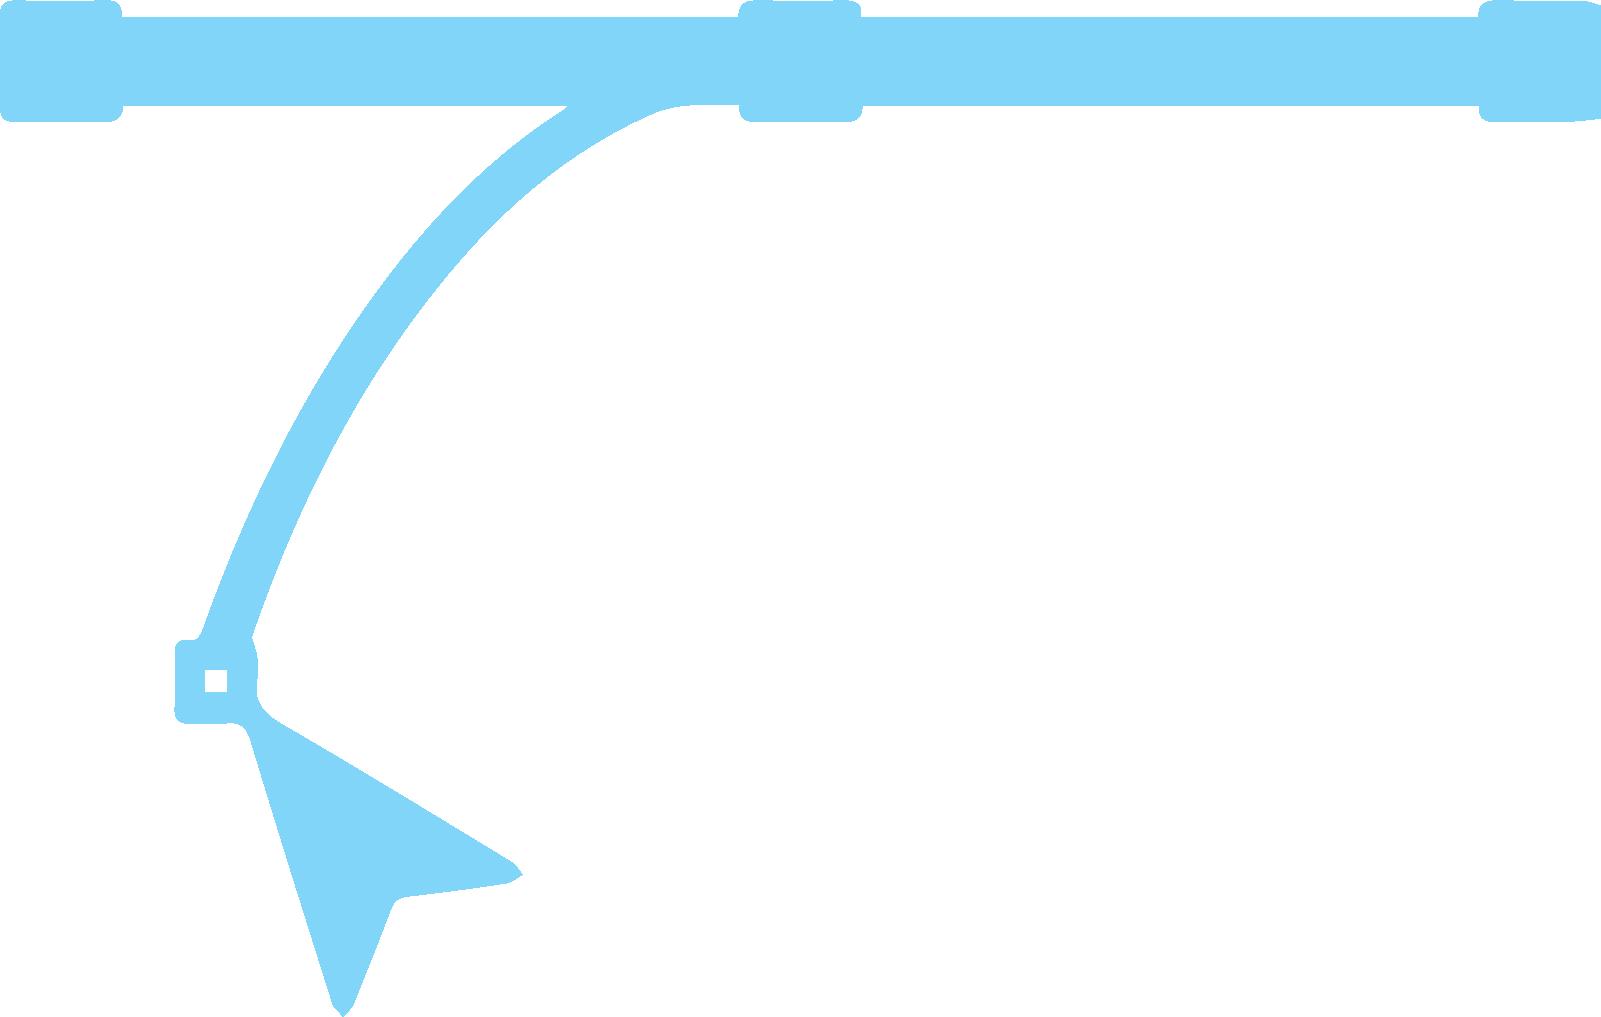 icone correction graphique fichier revendeurs